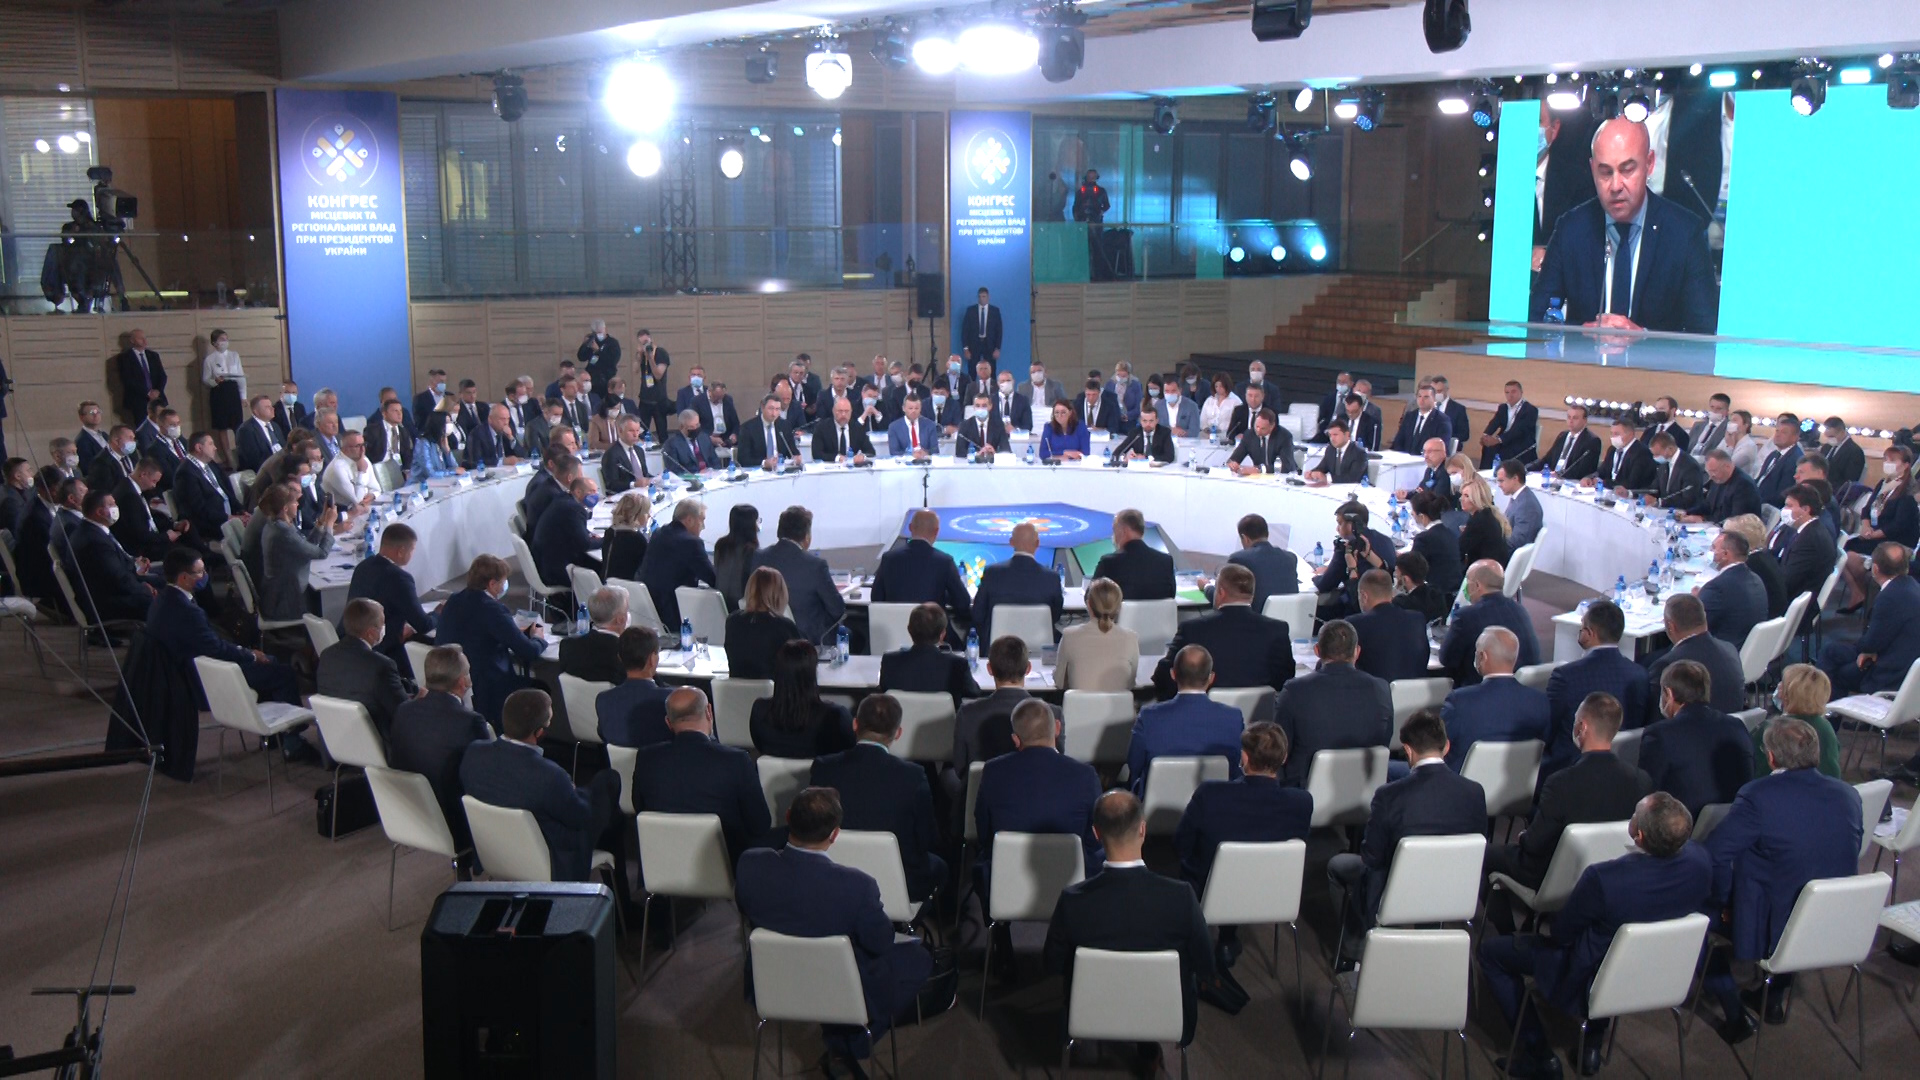 Важливі теми обговорили під час конгресу представники Тернополя та області із центральною владою